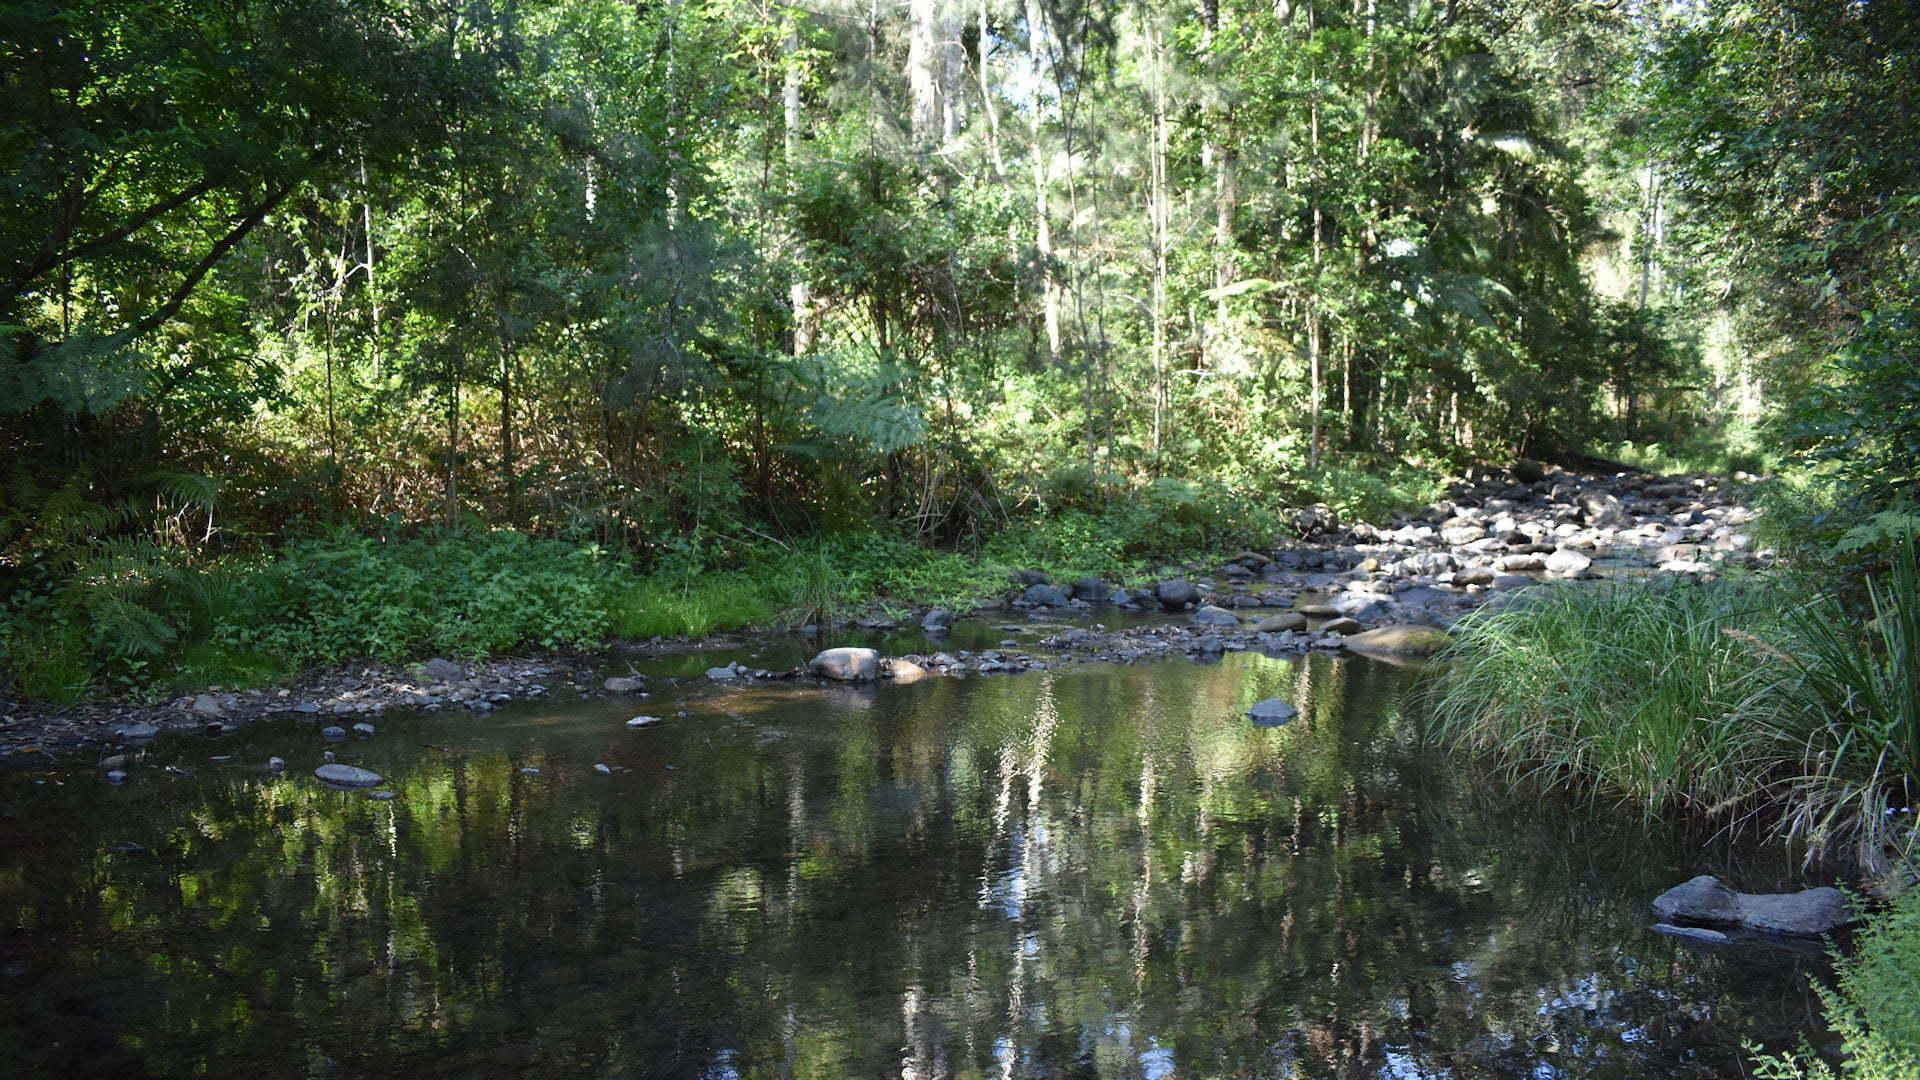 Iron Pot Creek at the picnic area in Toonumbar National Park